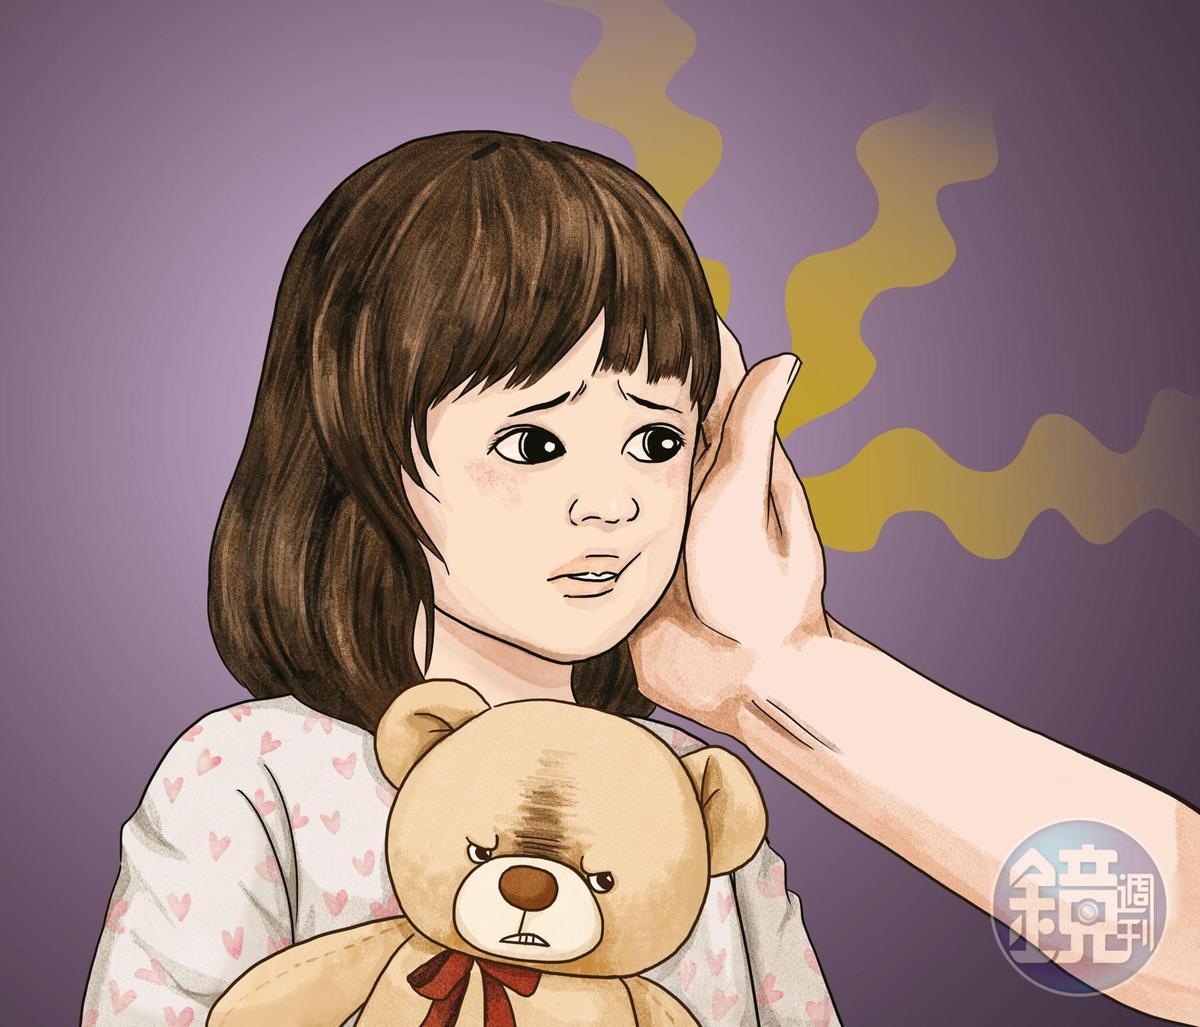 該名變性父親用手摳摸私處,再用手抹拭孩子的臉,辯稱藉此透過體味,讓孩子知道他已變性成女性。